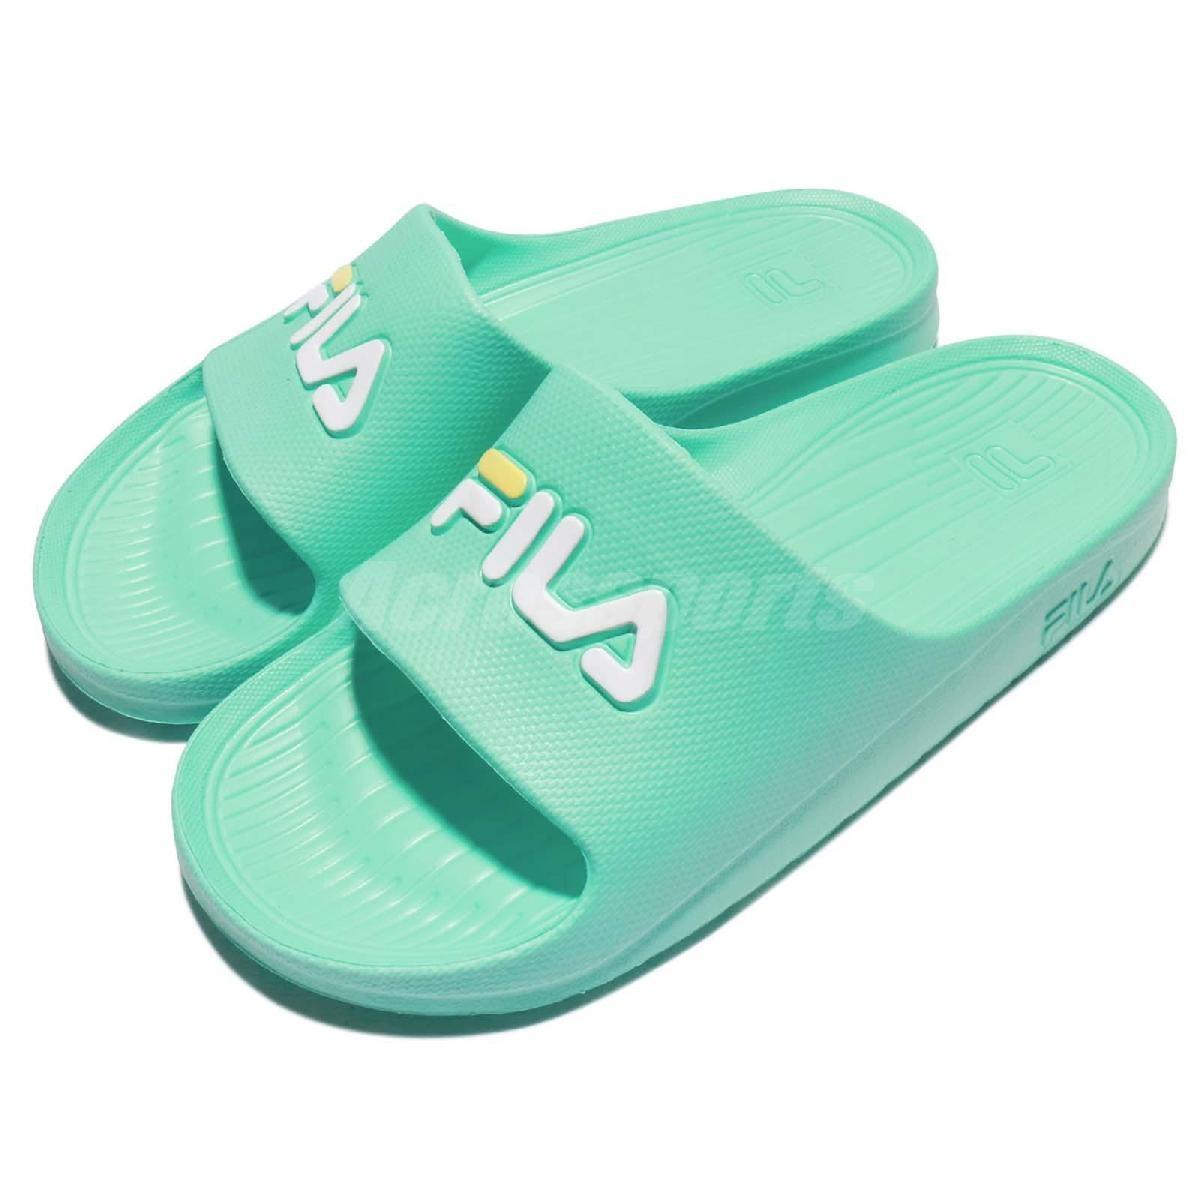 拖鞋 FILA 完全防水 綠 白 粉綠 復古 粉嫩色系 一片拖 運動拖鞋 女鞋【PUMP306】 4S355R666